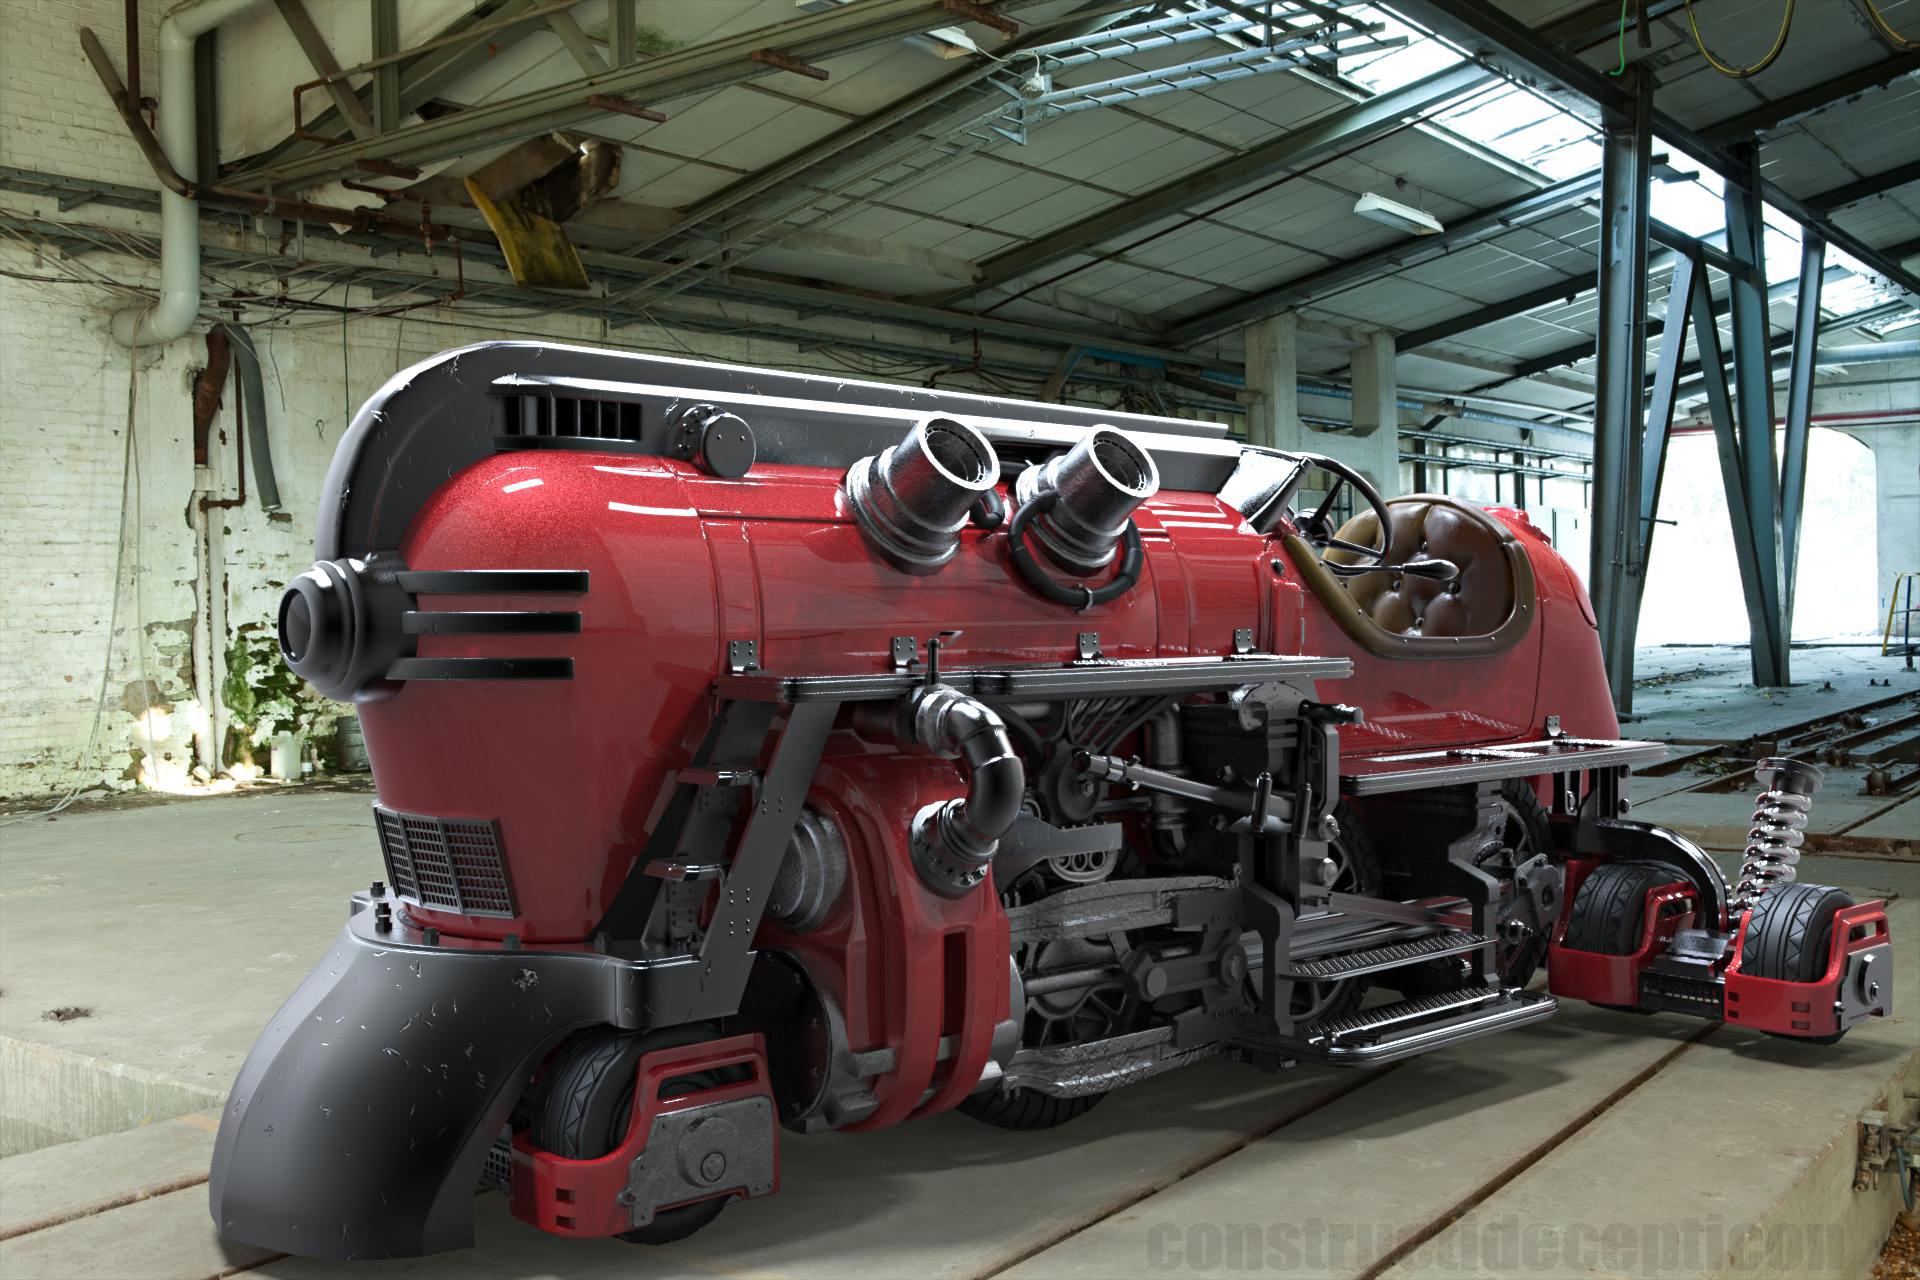 The Futuristic Steam Train Of Our Dreams Retro Futuristic Train Steam Locomotive